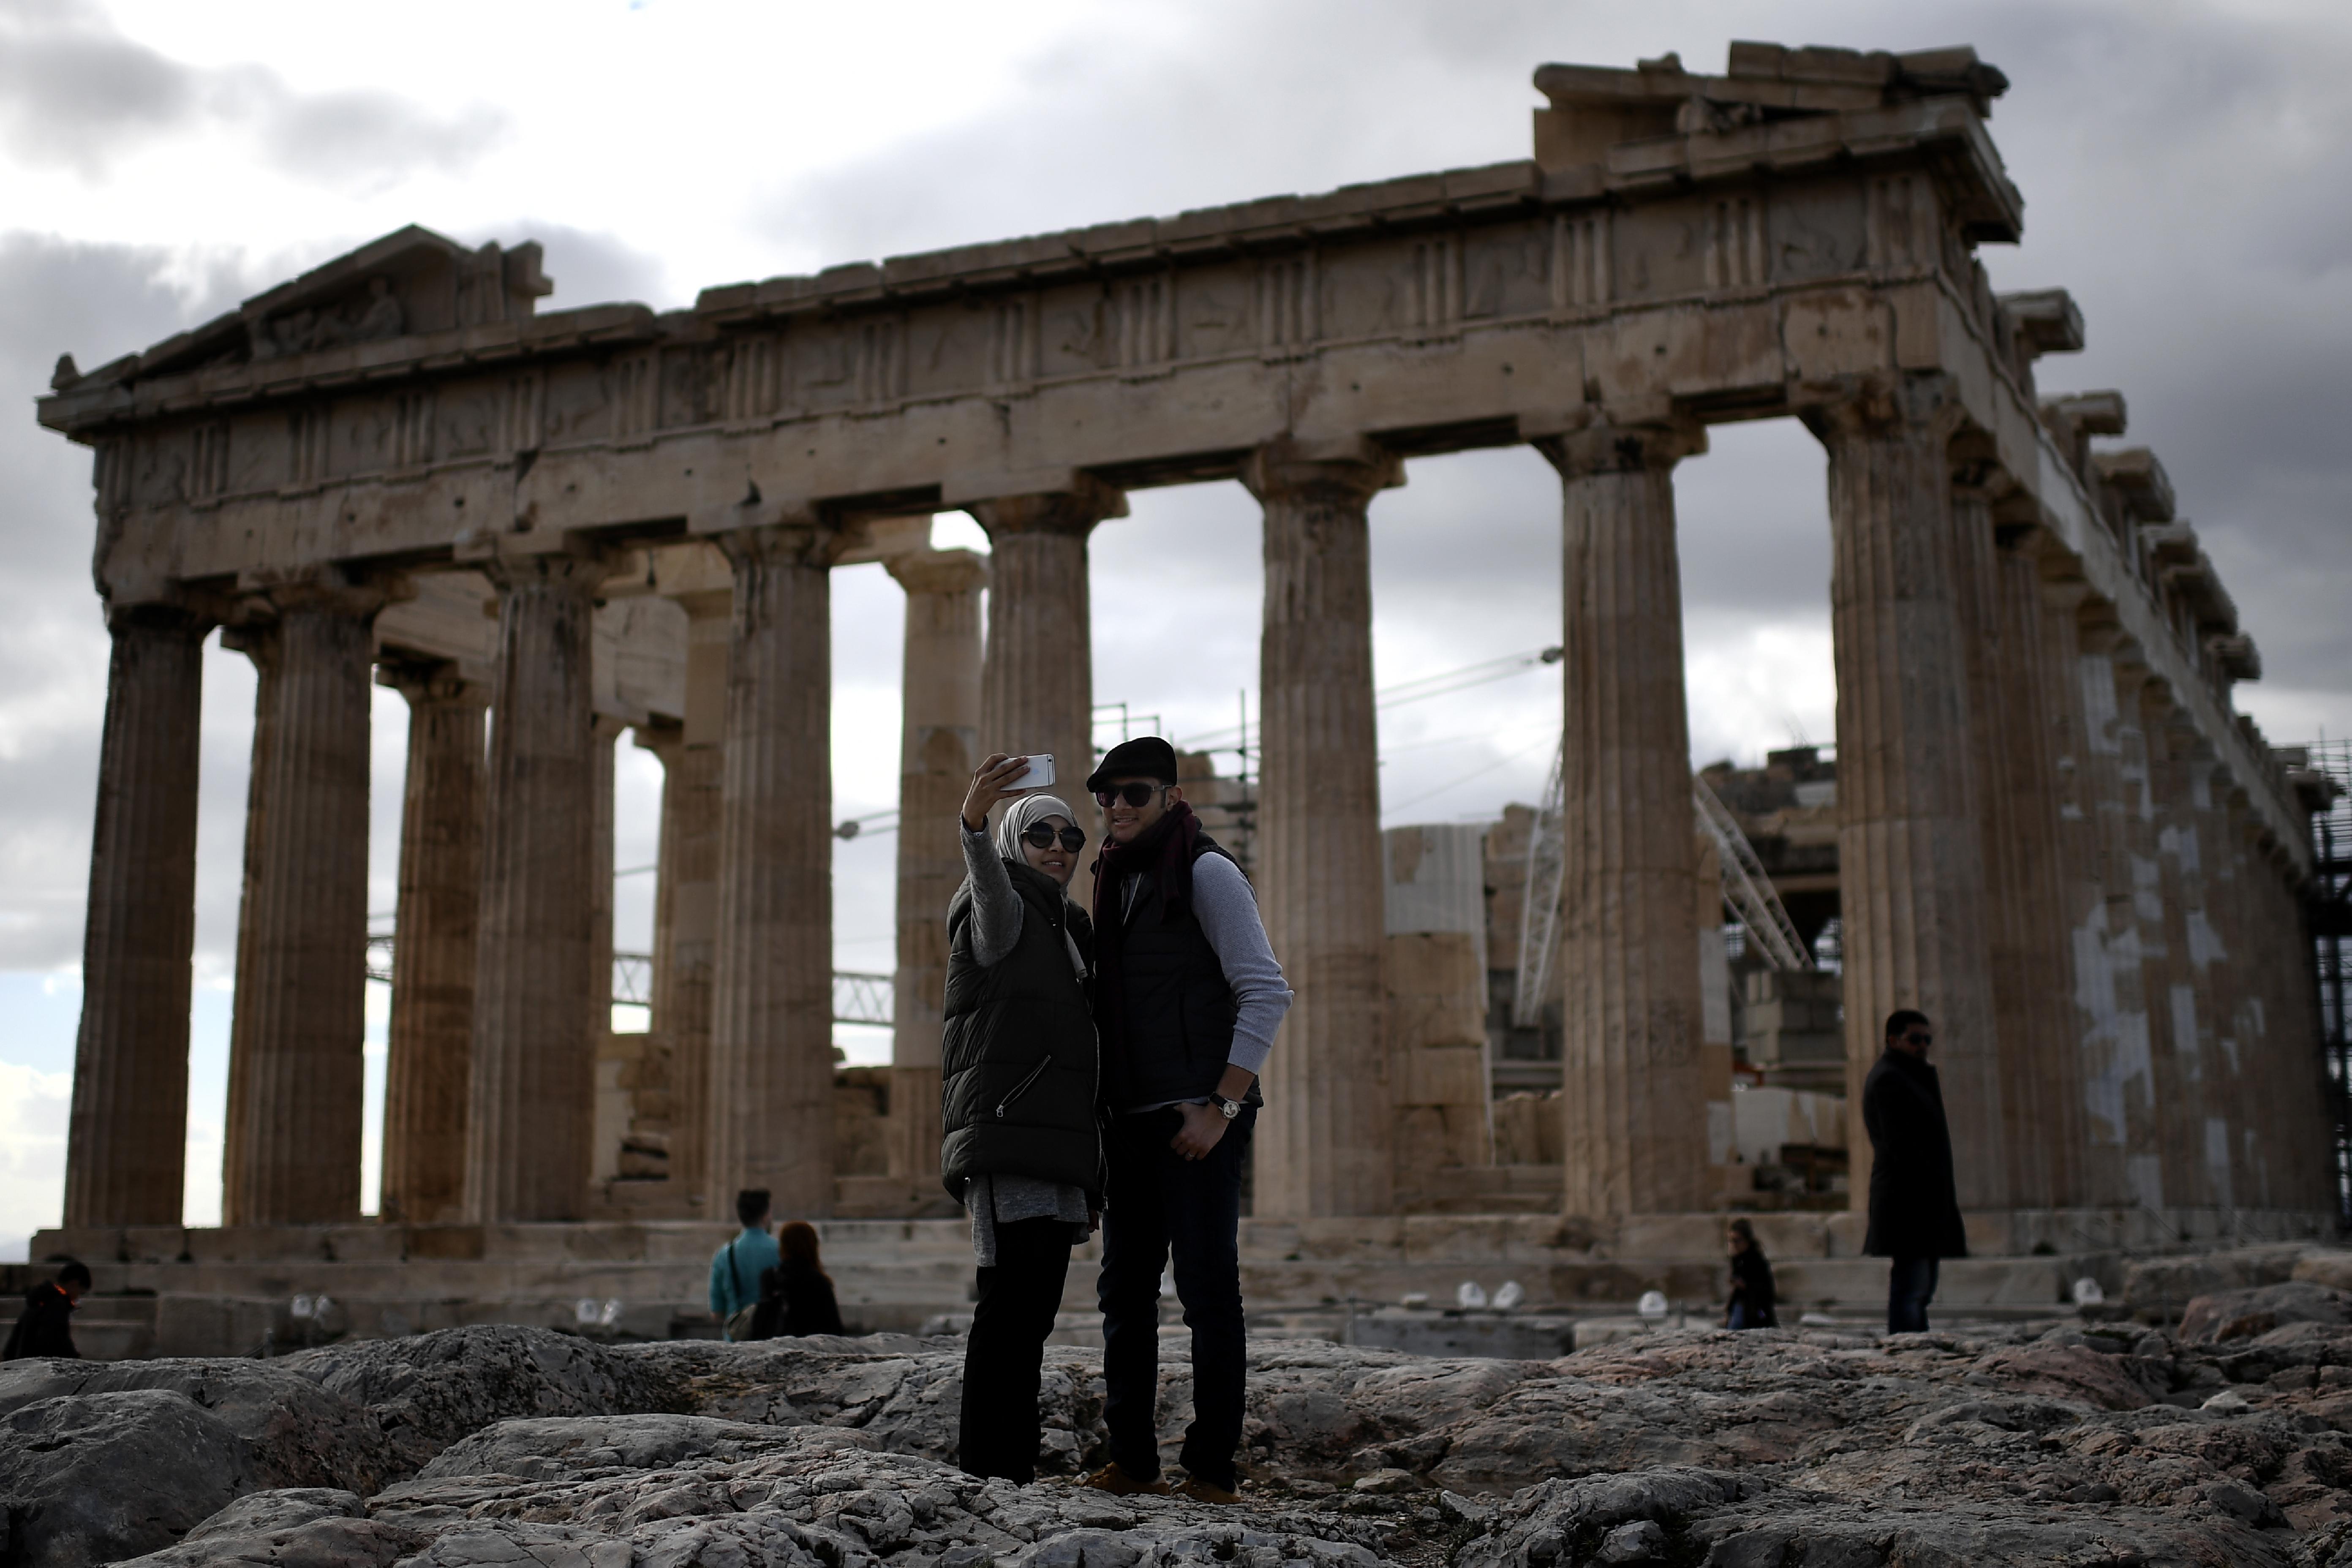 Kétmillió euróért bérelné ki az Akropoliszt a Gucci